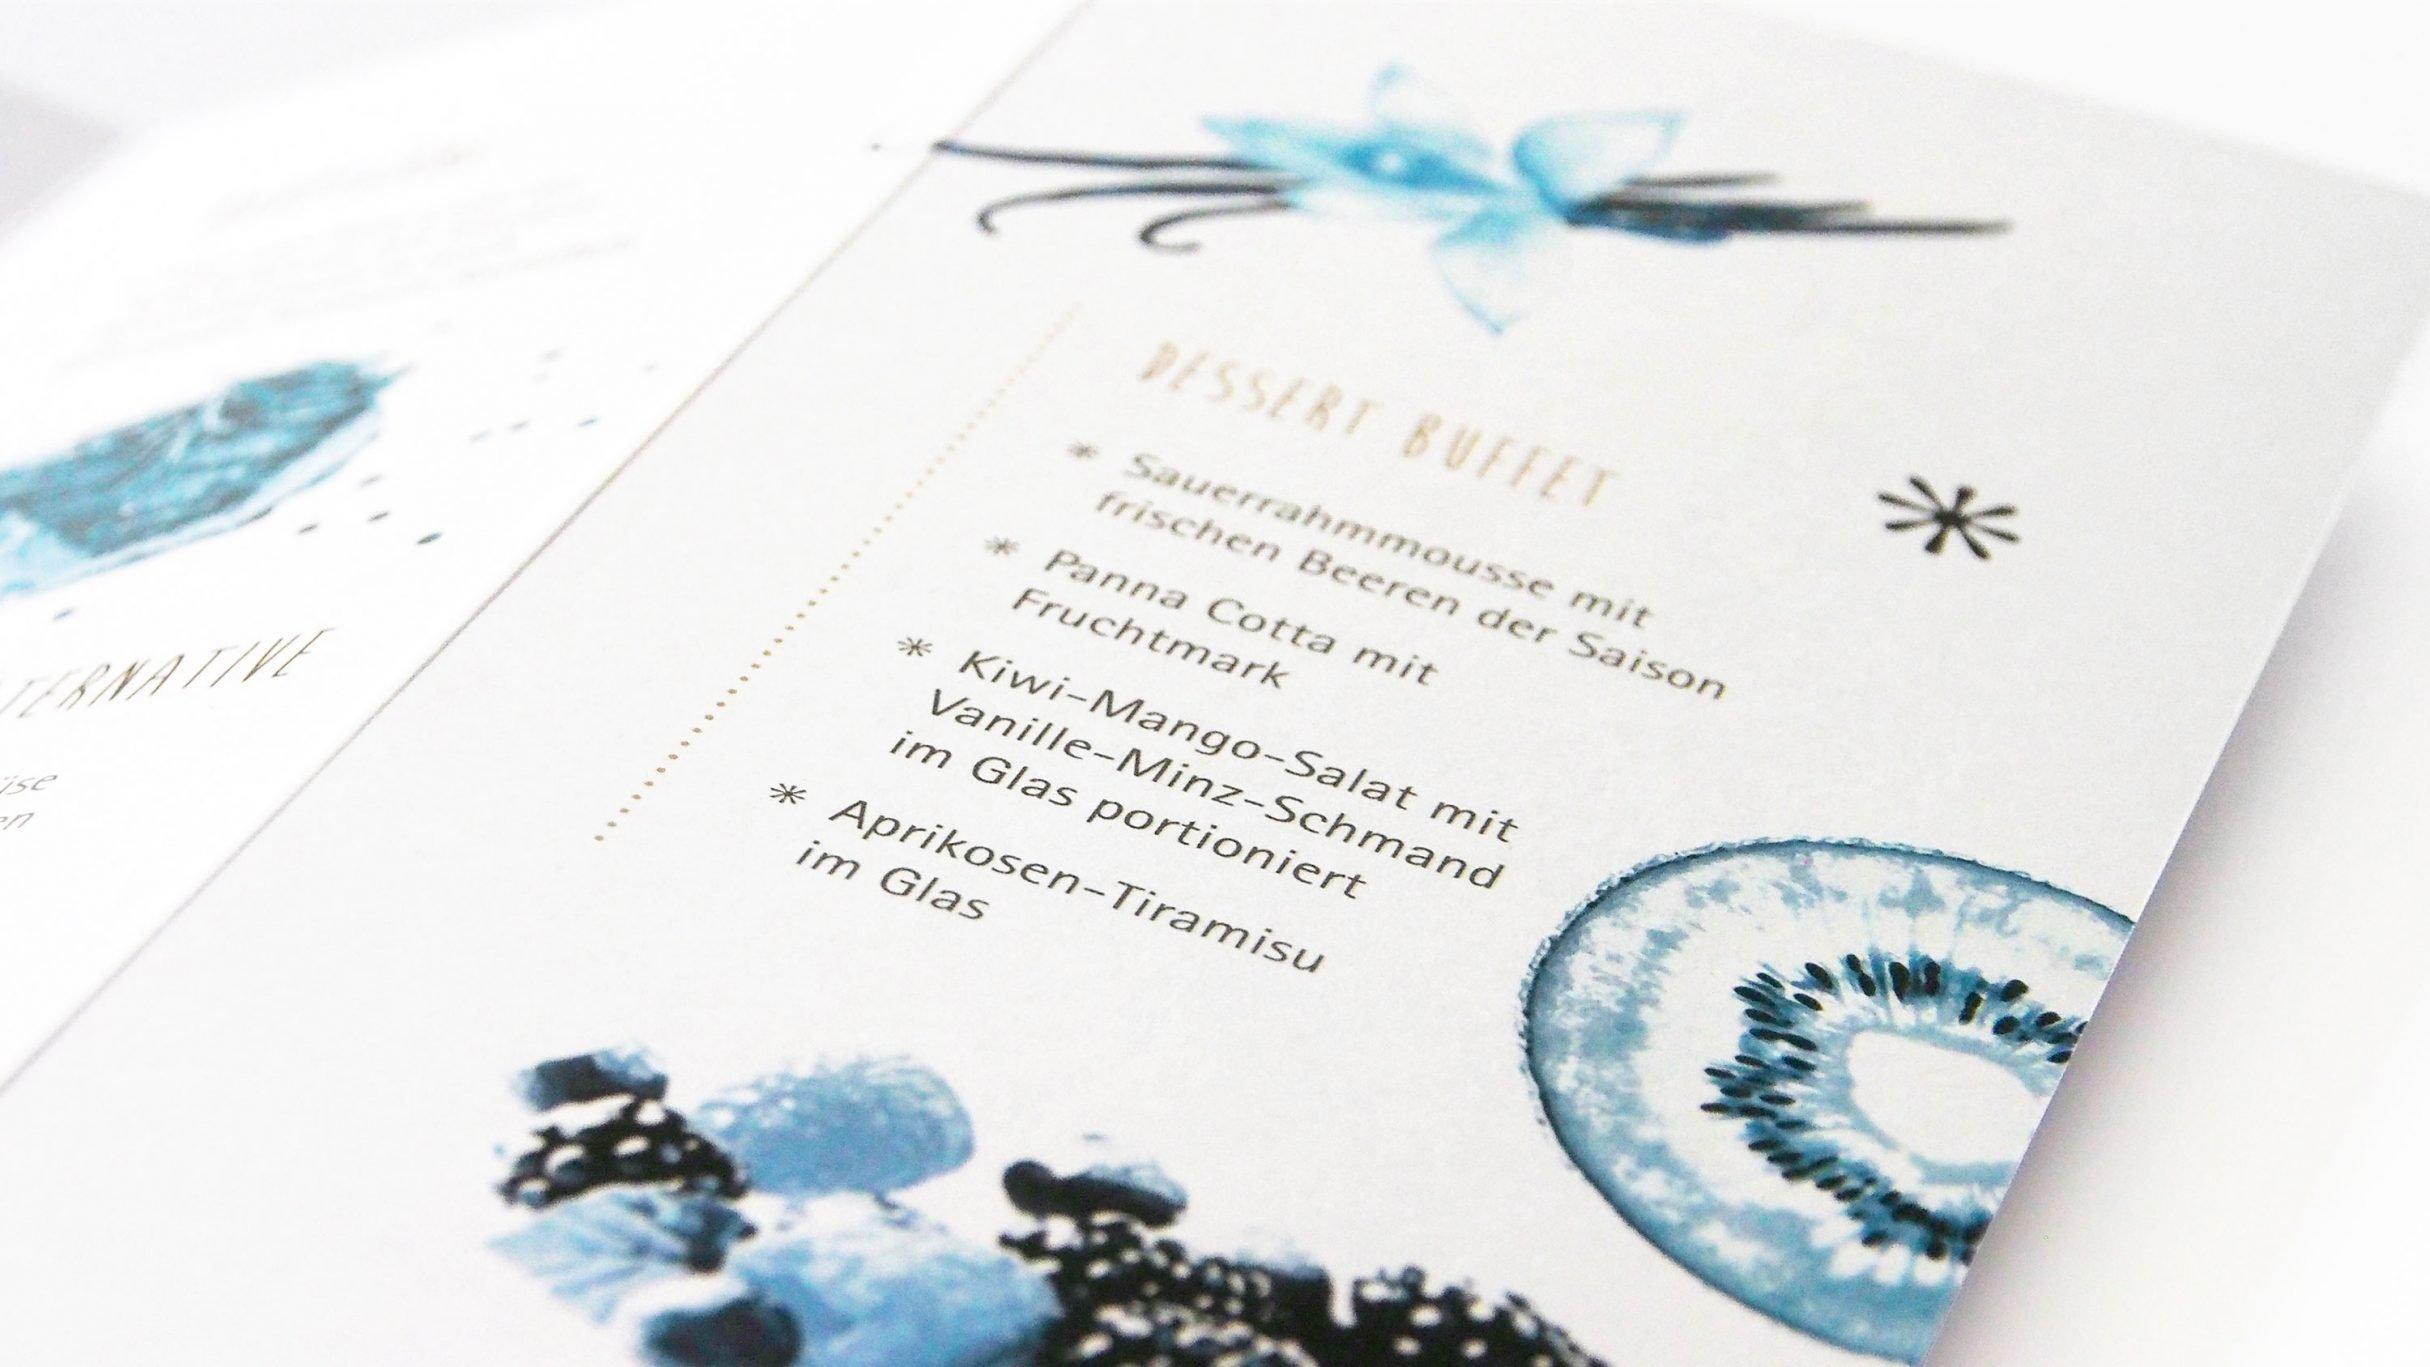 Speisekartendesign 20 Jahre für Giegerich und Partner: DIE NEUDENKER® Agentur, Darmstadt